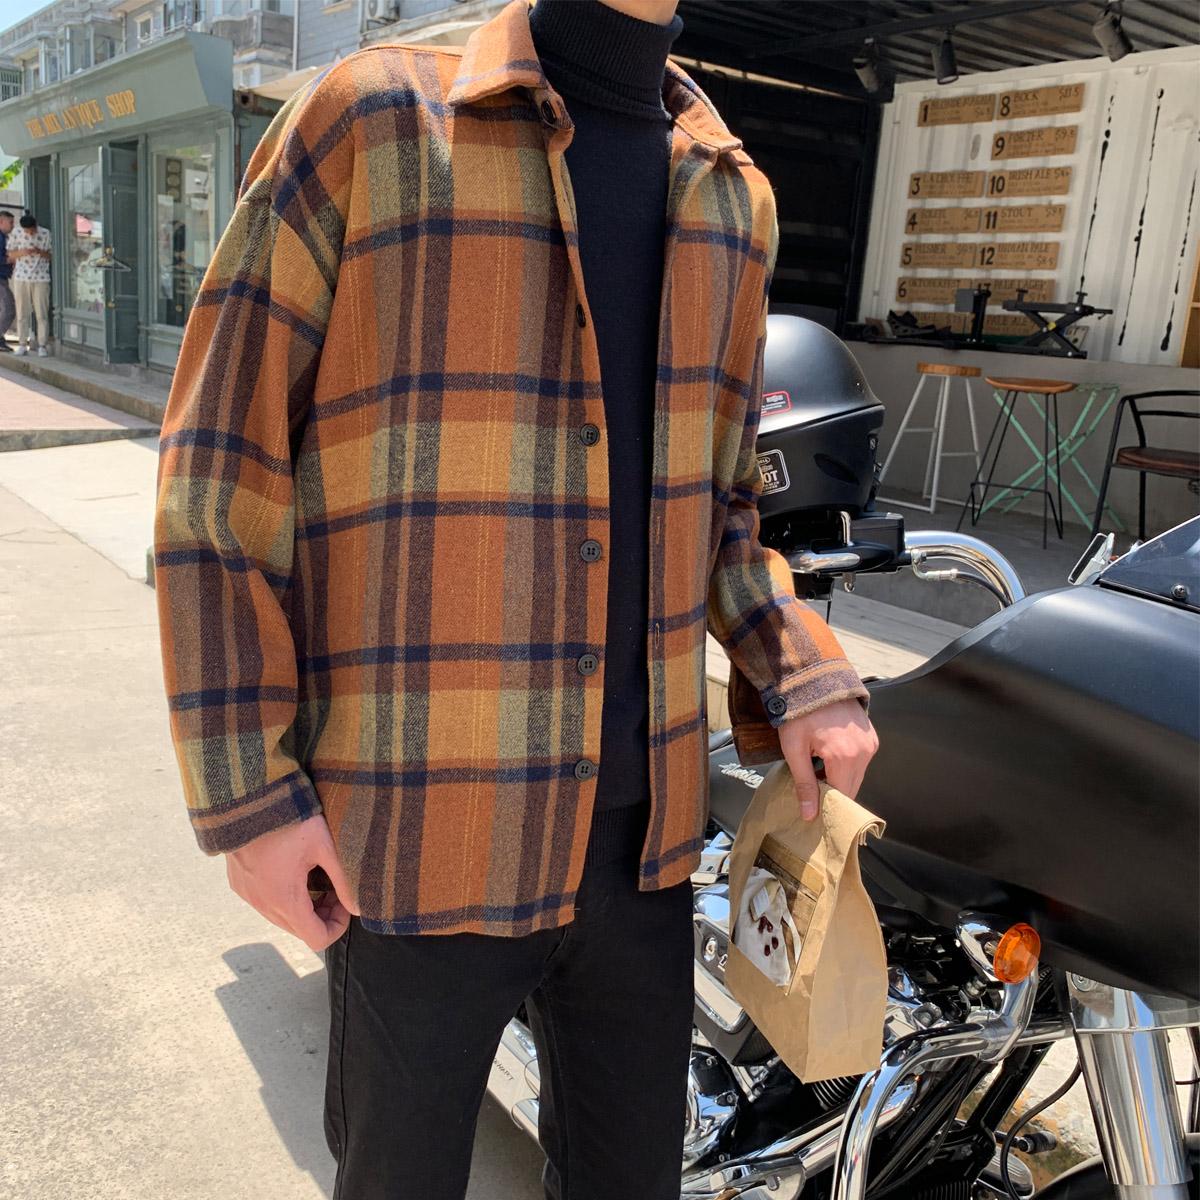 大货  秋季衬衫男韩版毛呢料格子外套宽松情侣装男衬衣 H1010 P60